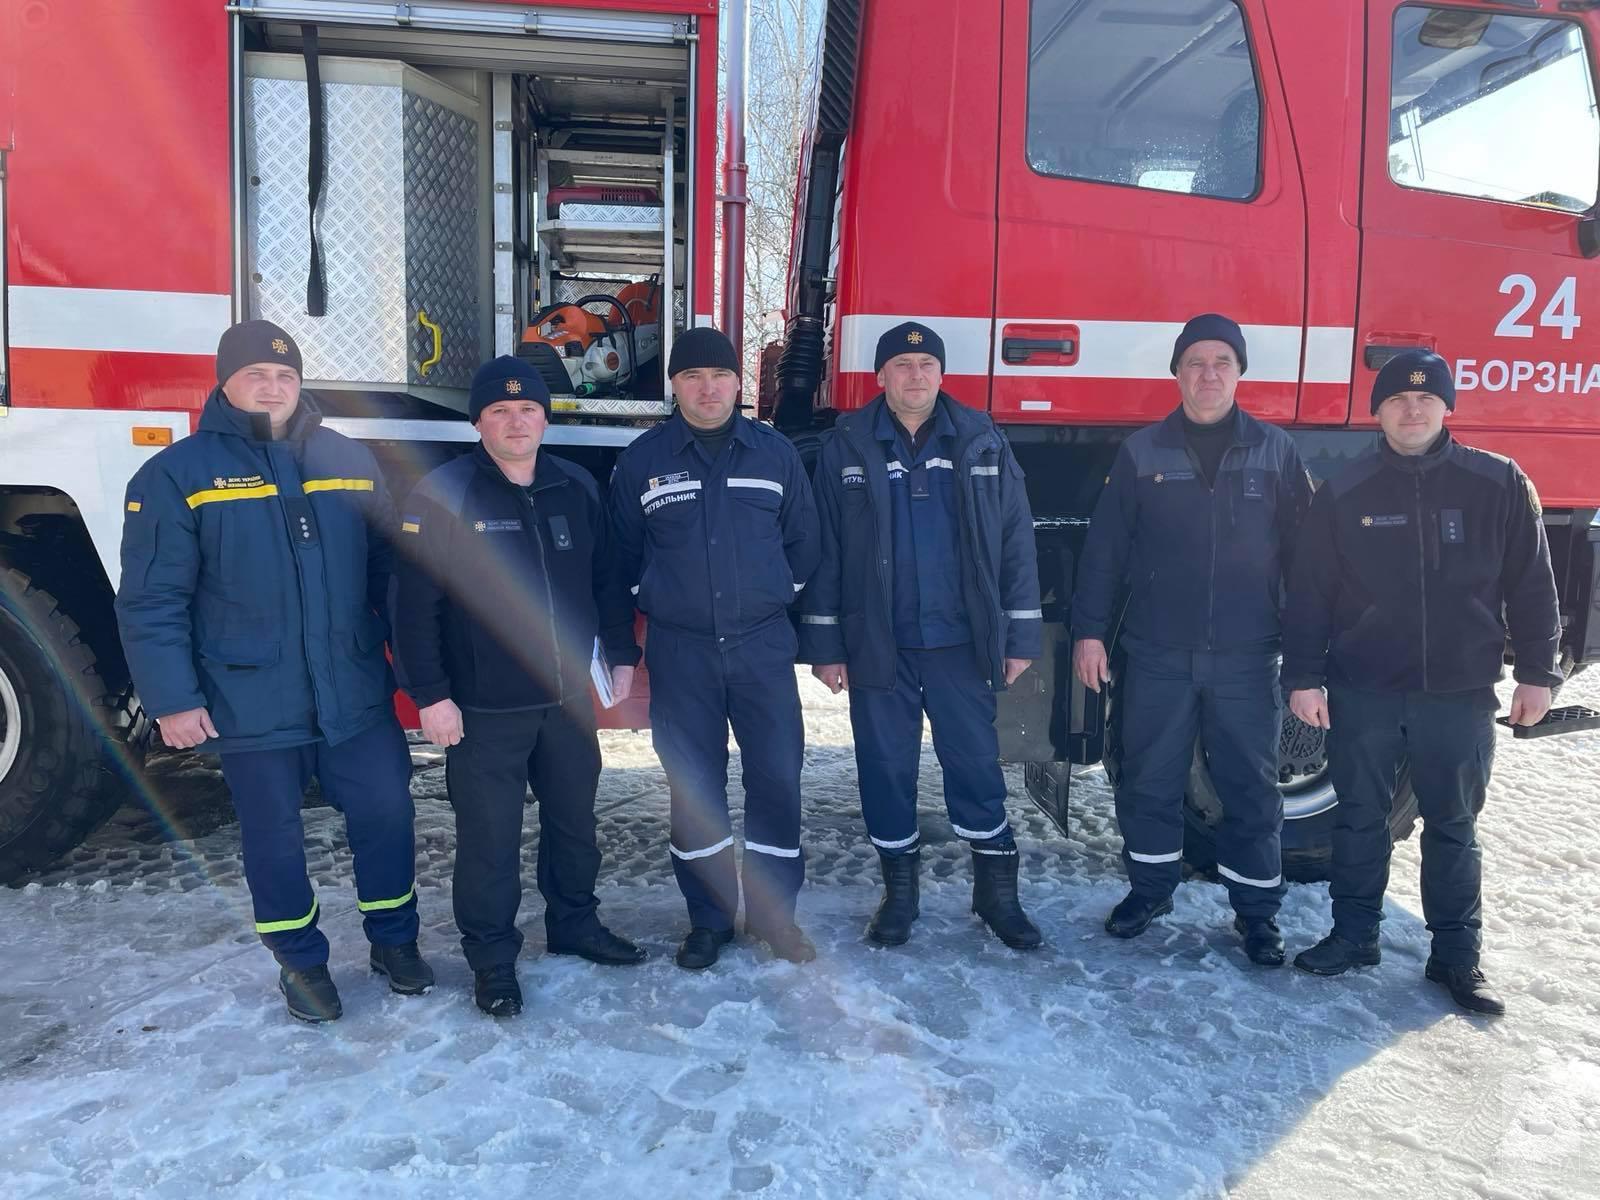 Рятувальники Борзнянщини отримали нову техніку. ФОТО